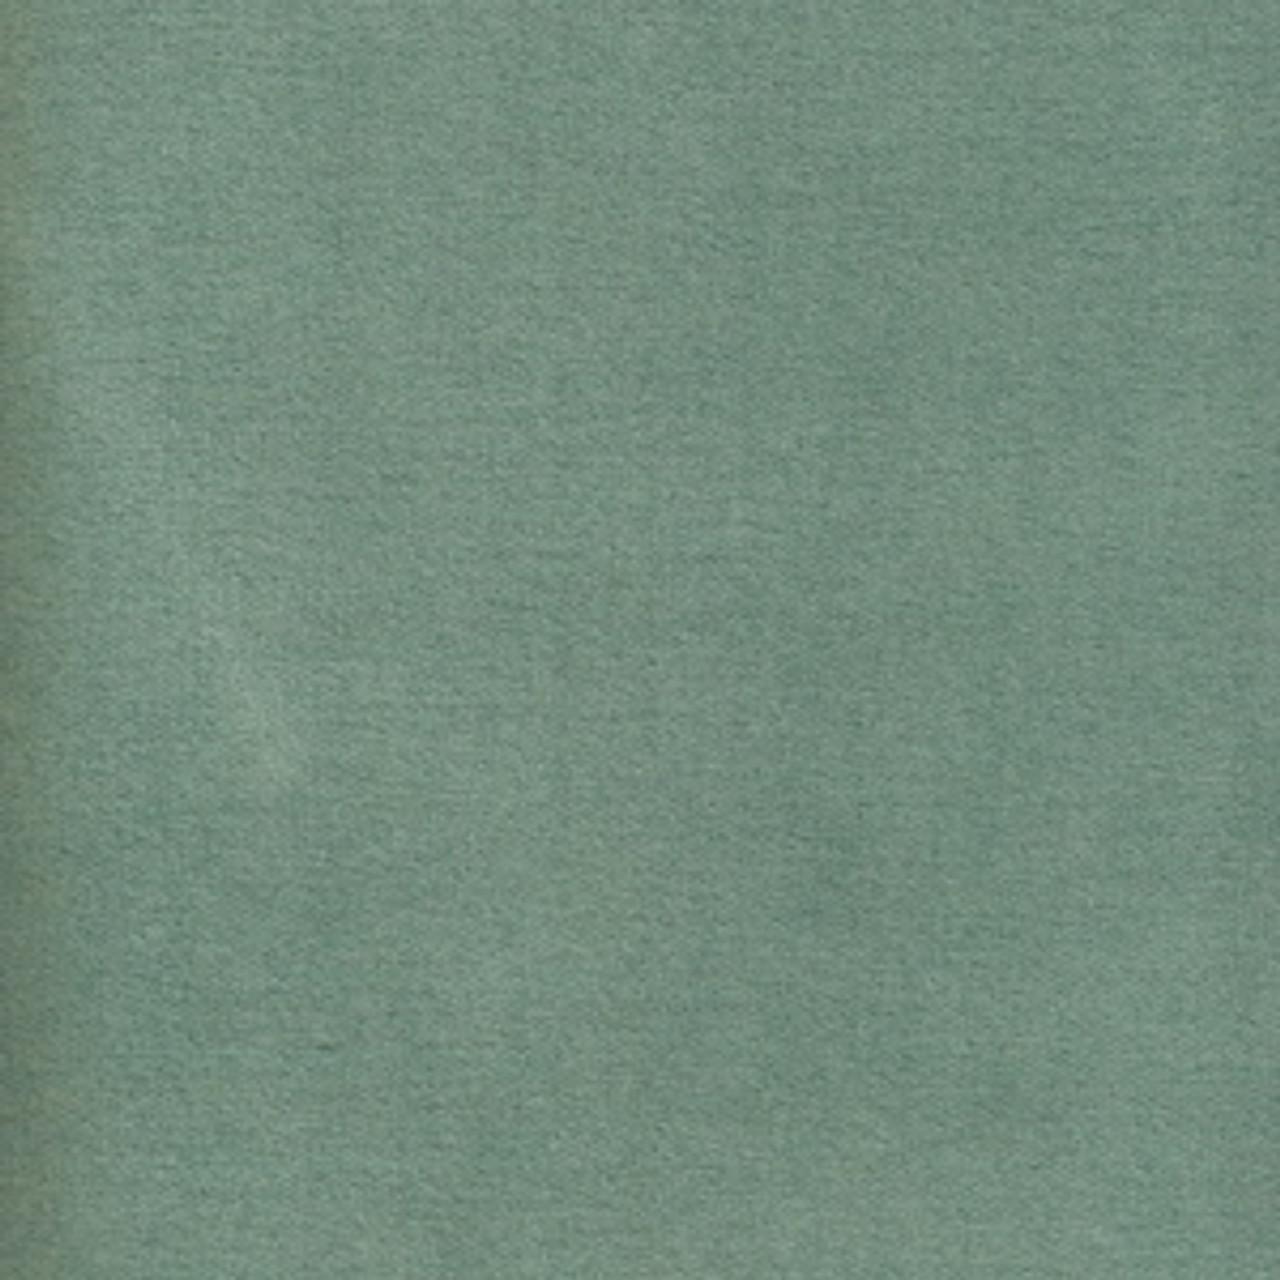 NC2029L - Large Light Turquoise Carpet